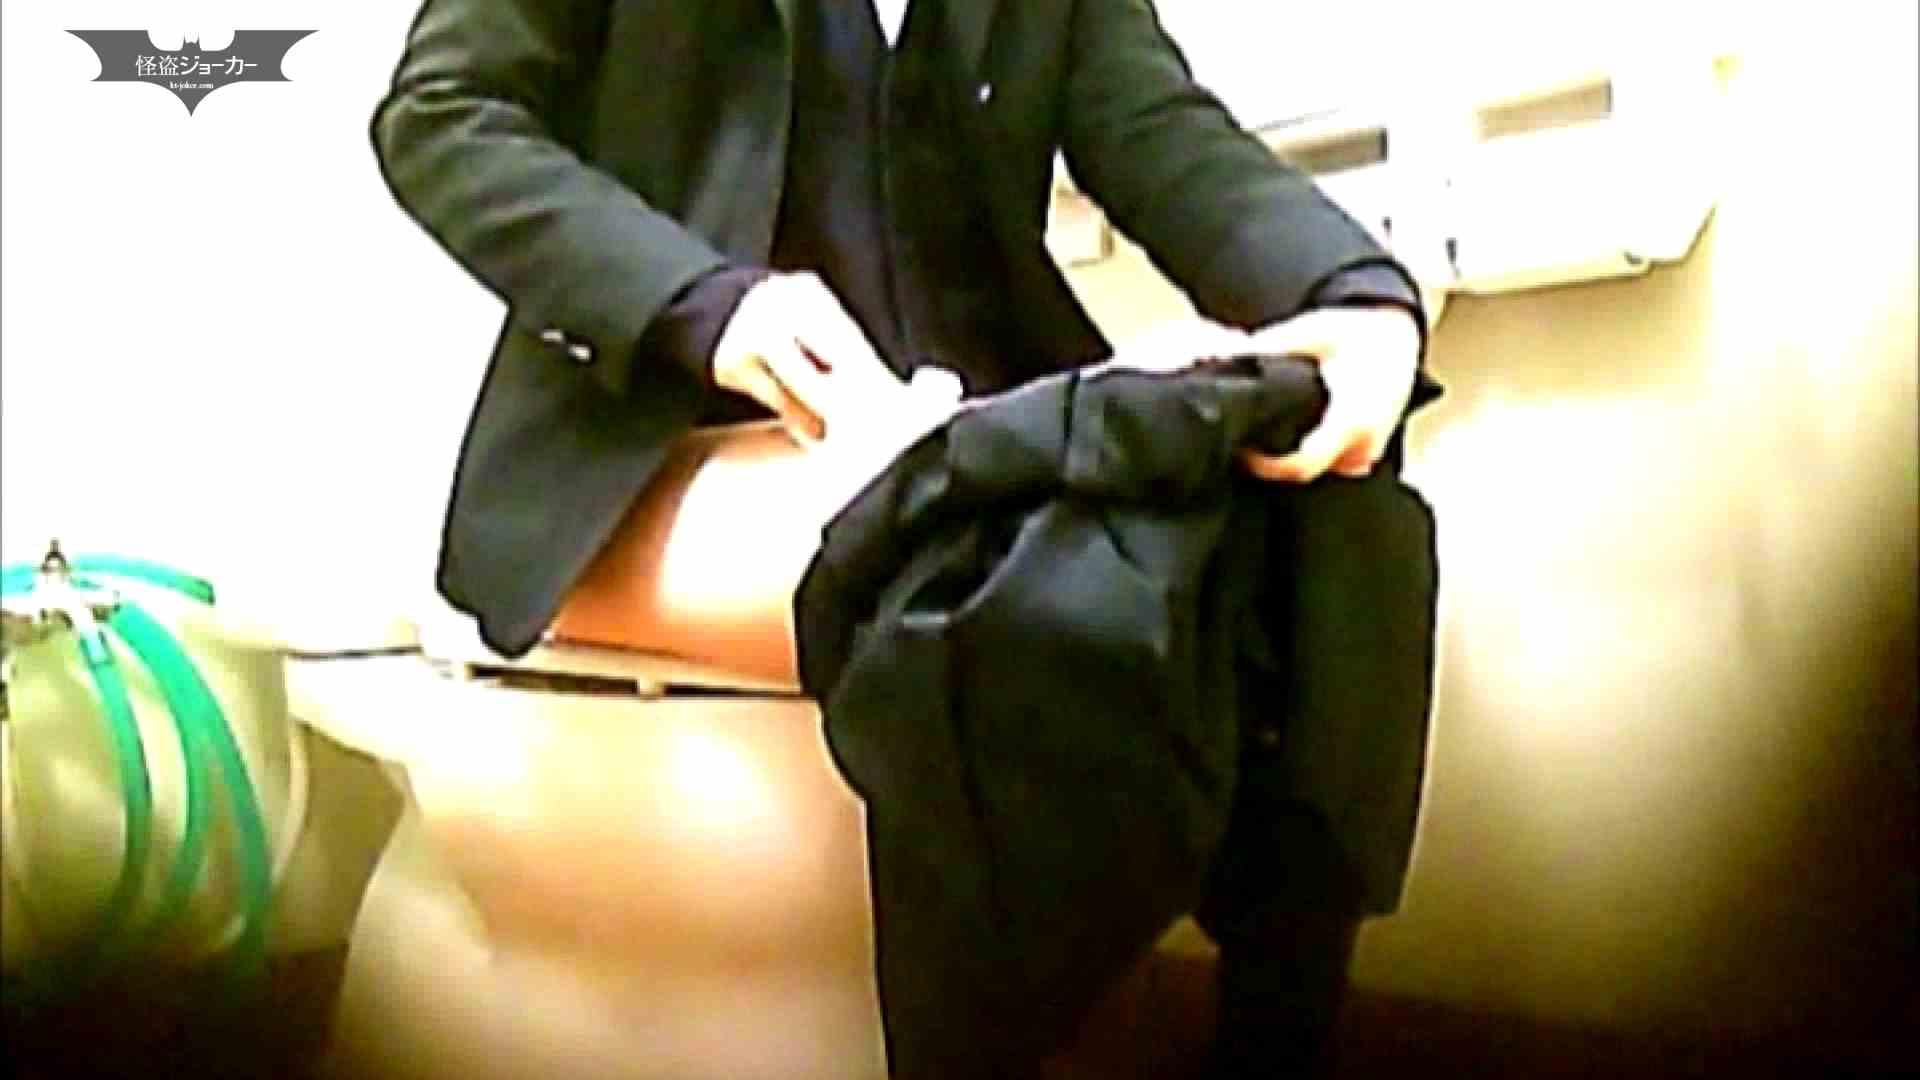 店長代理の盗撮録 Vol.02 制服ばかりをあつめてみました。その2 OL | 盗撮エロすぎ  86連発 50